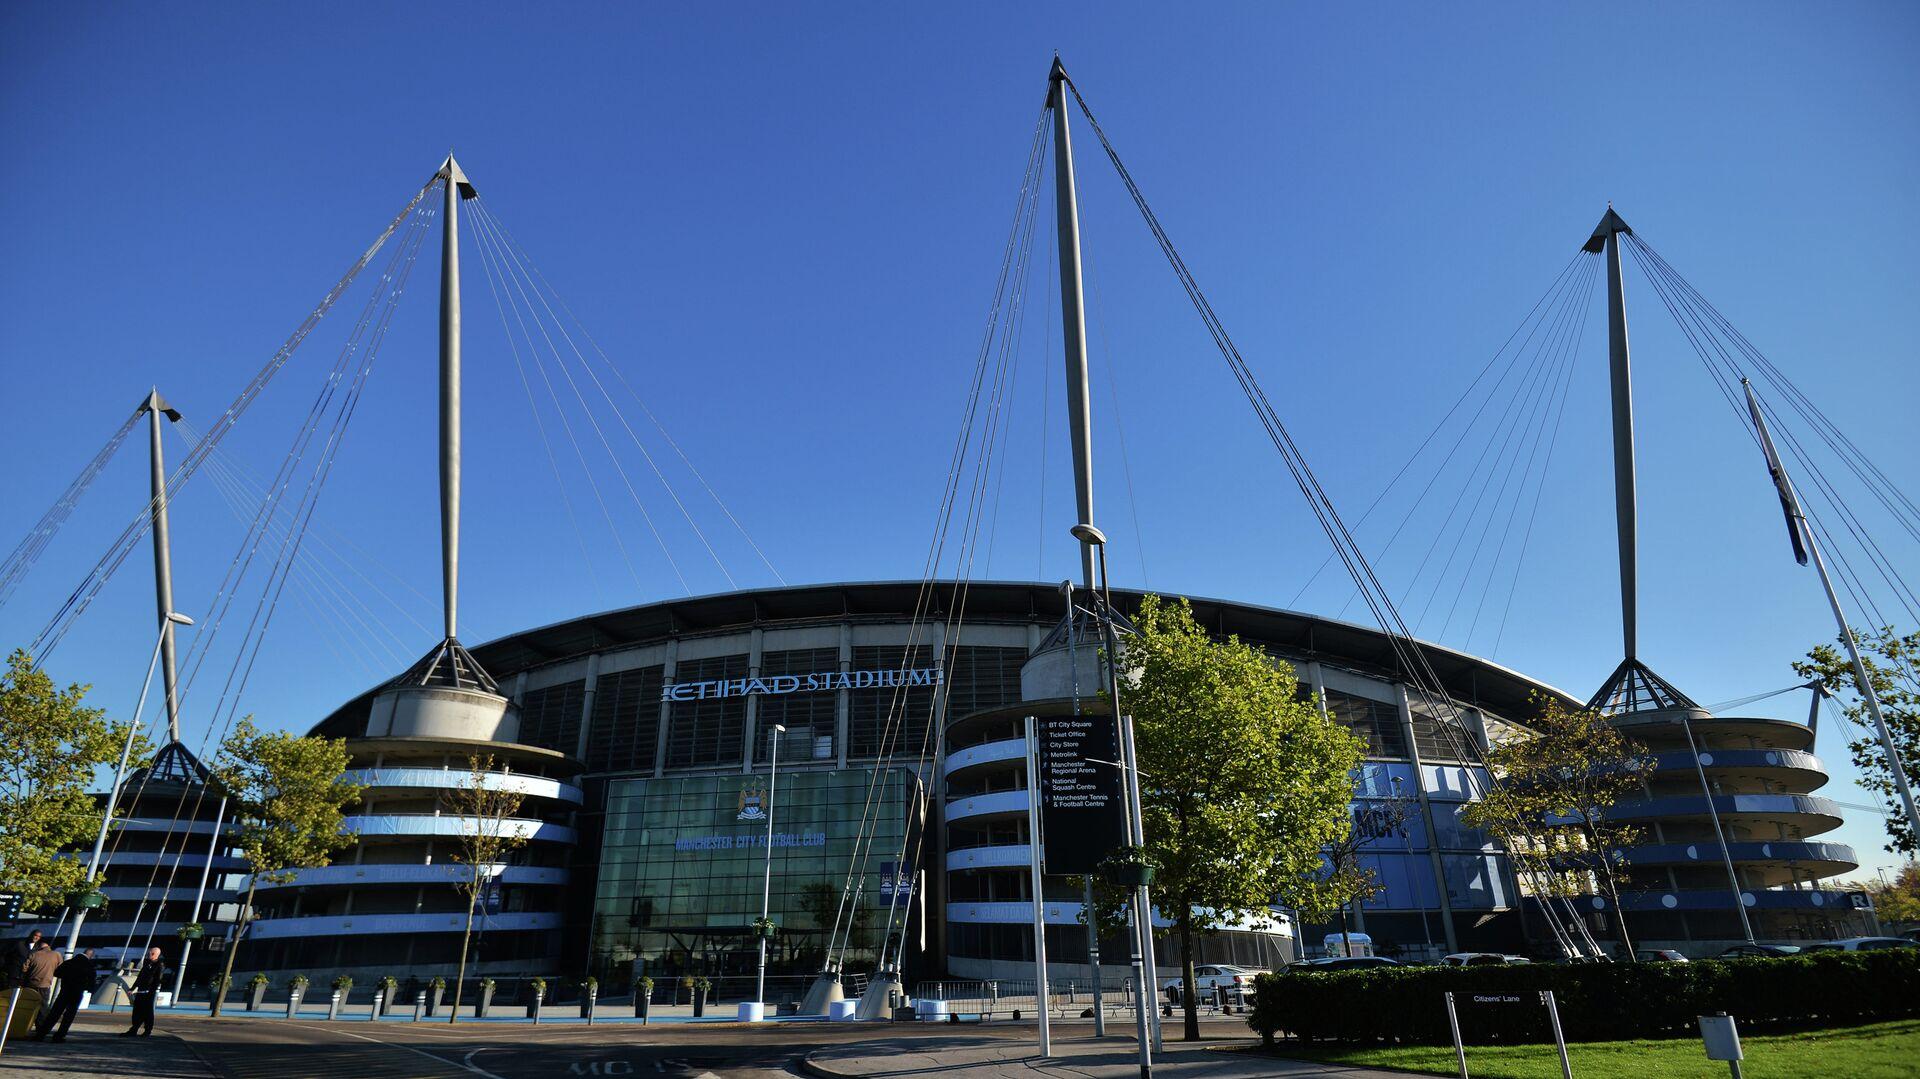 Стадион футбольного клуба Манчестер Сити Этихад Стэдиум (Etihad Stadium) в Манчестере - РИА Новости, 1920, 06.04.2021